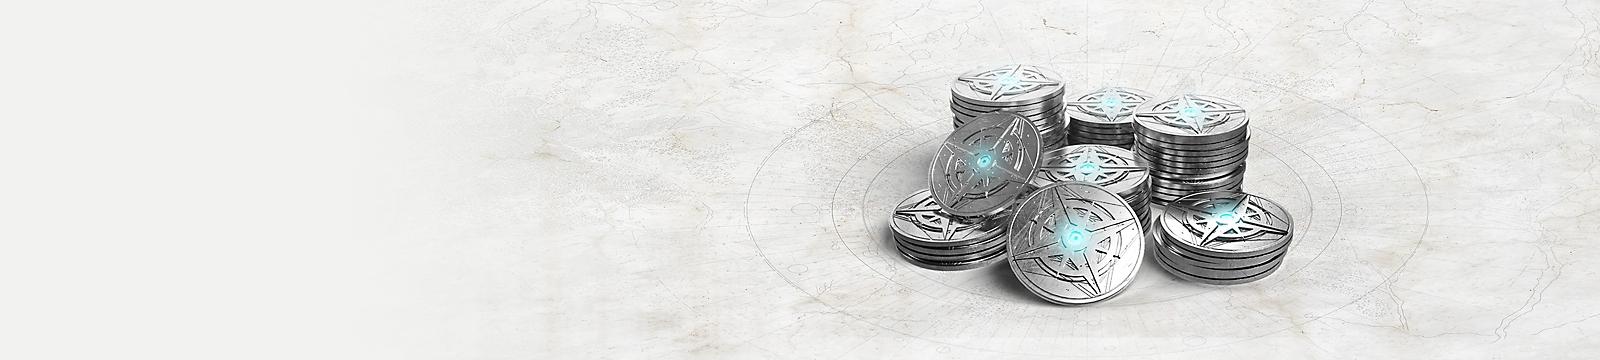 Destiny 2 - Silver Satın Al Bölümü Arka Plan